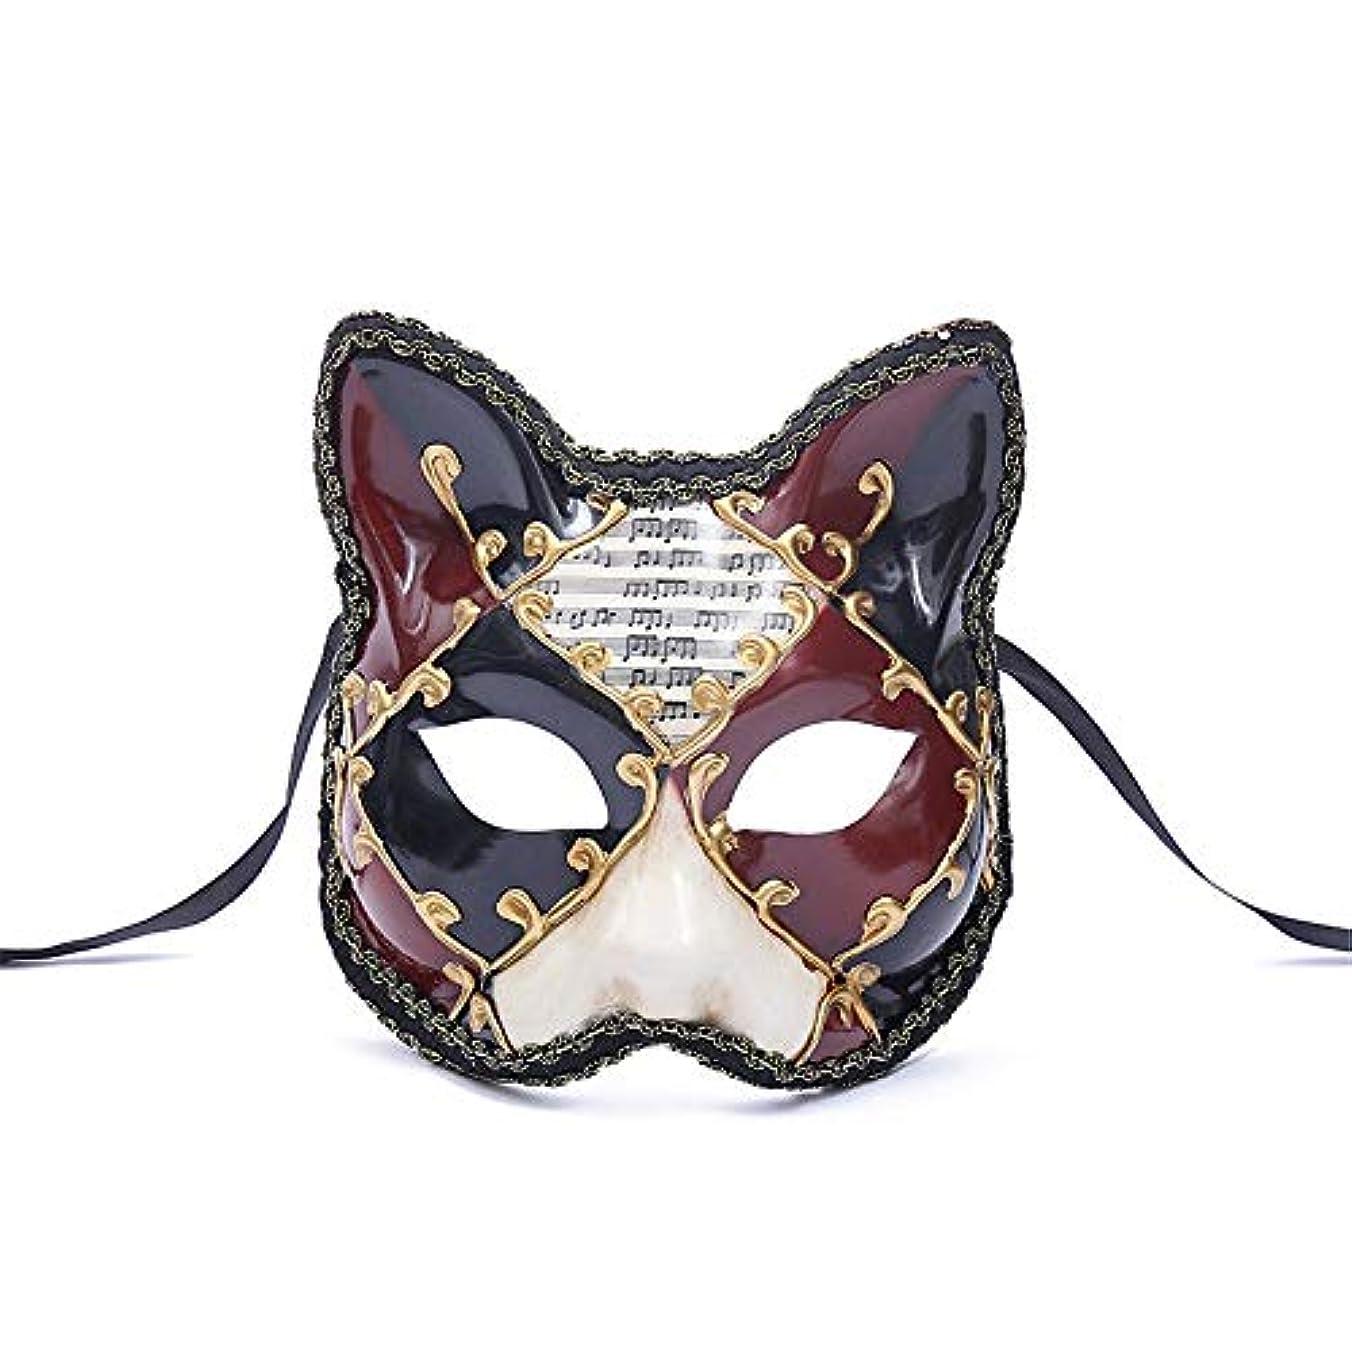 終わったにやにやするだろうダンスマスク 大きな猫アンティーク動物レトロコスプレハロウィーン仮装マスクナイトクラブマスク雰囲気フェスティバルマスク パーティーボールマスク (色 : 赤, サイズ : 17.5x16cm)